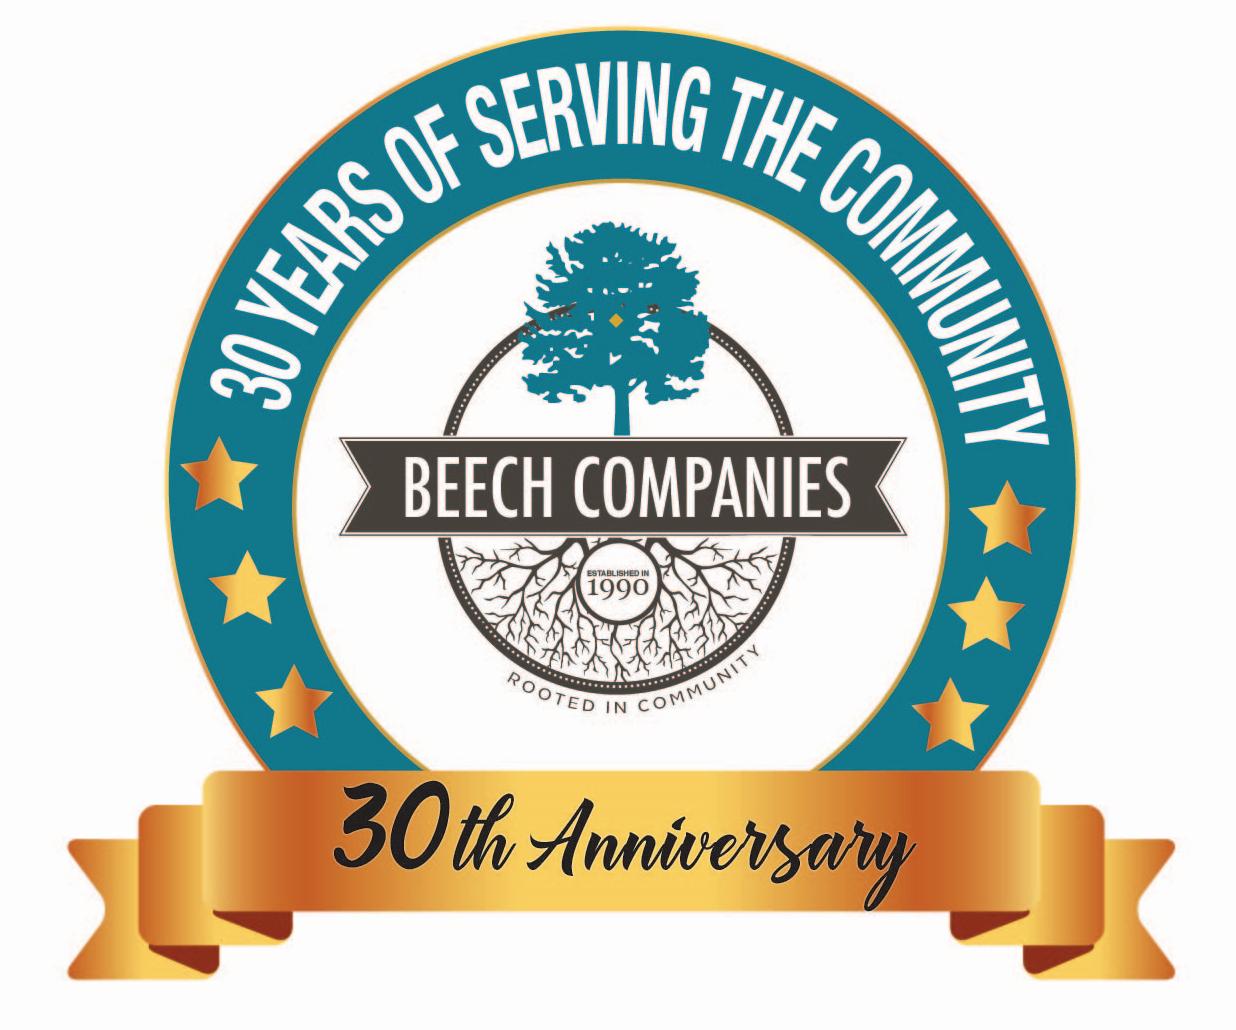 Beech Companies 30 Years